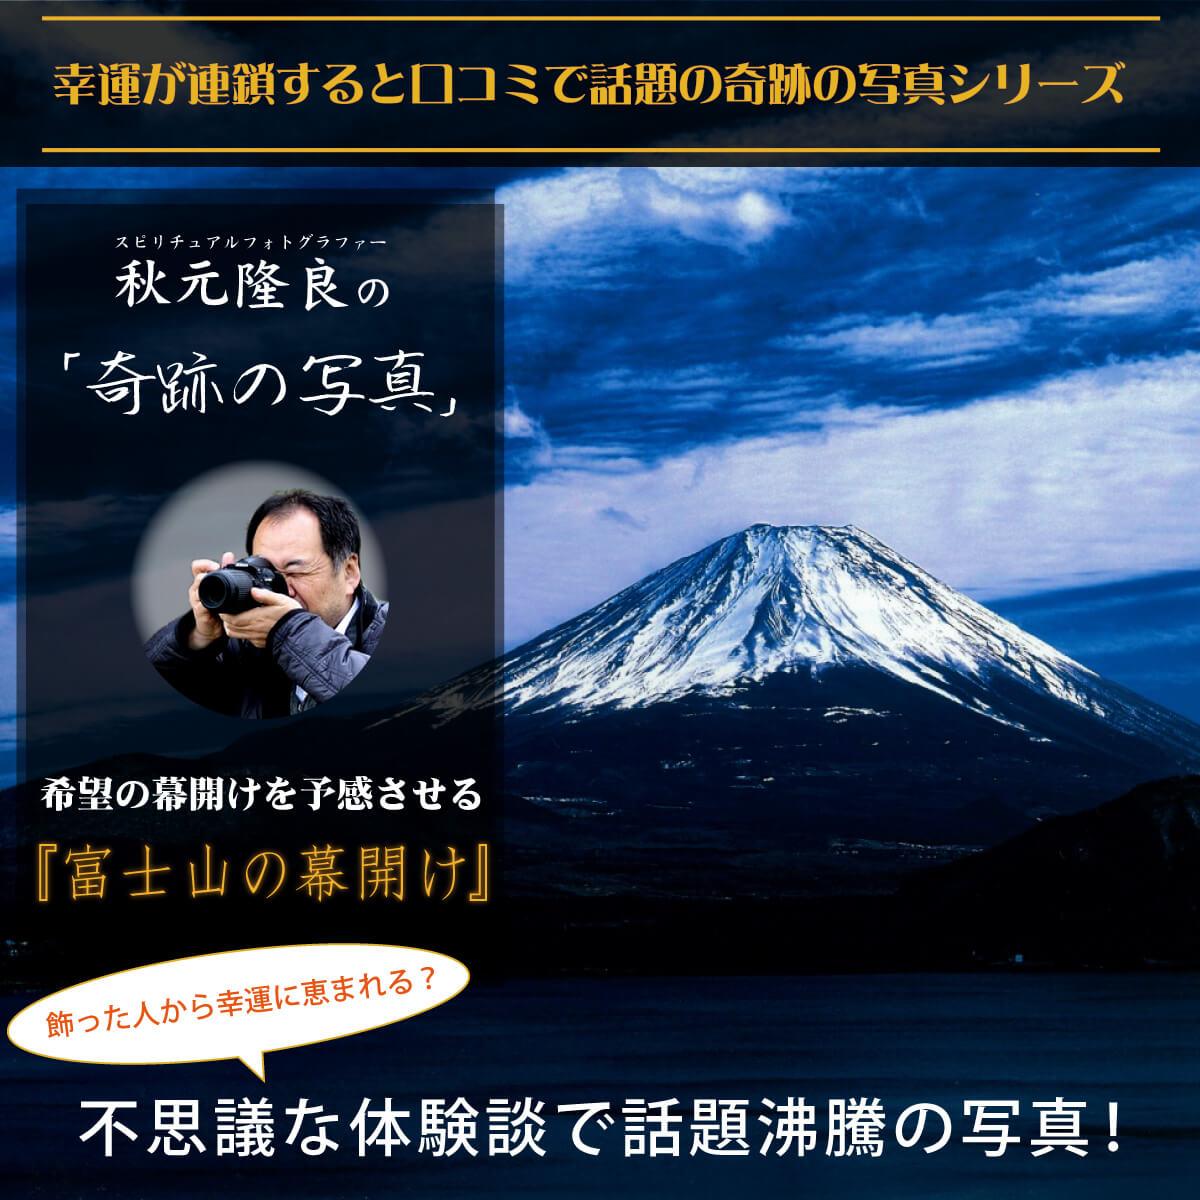 【奇跡の写真】富士山の幕開け ≫飾るだけで幸運が連鎖すると話題!秋元隆良の開運フォト作品 開運グッズ